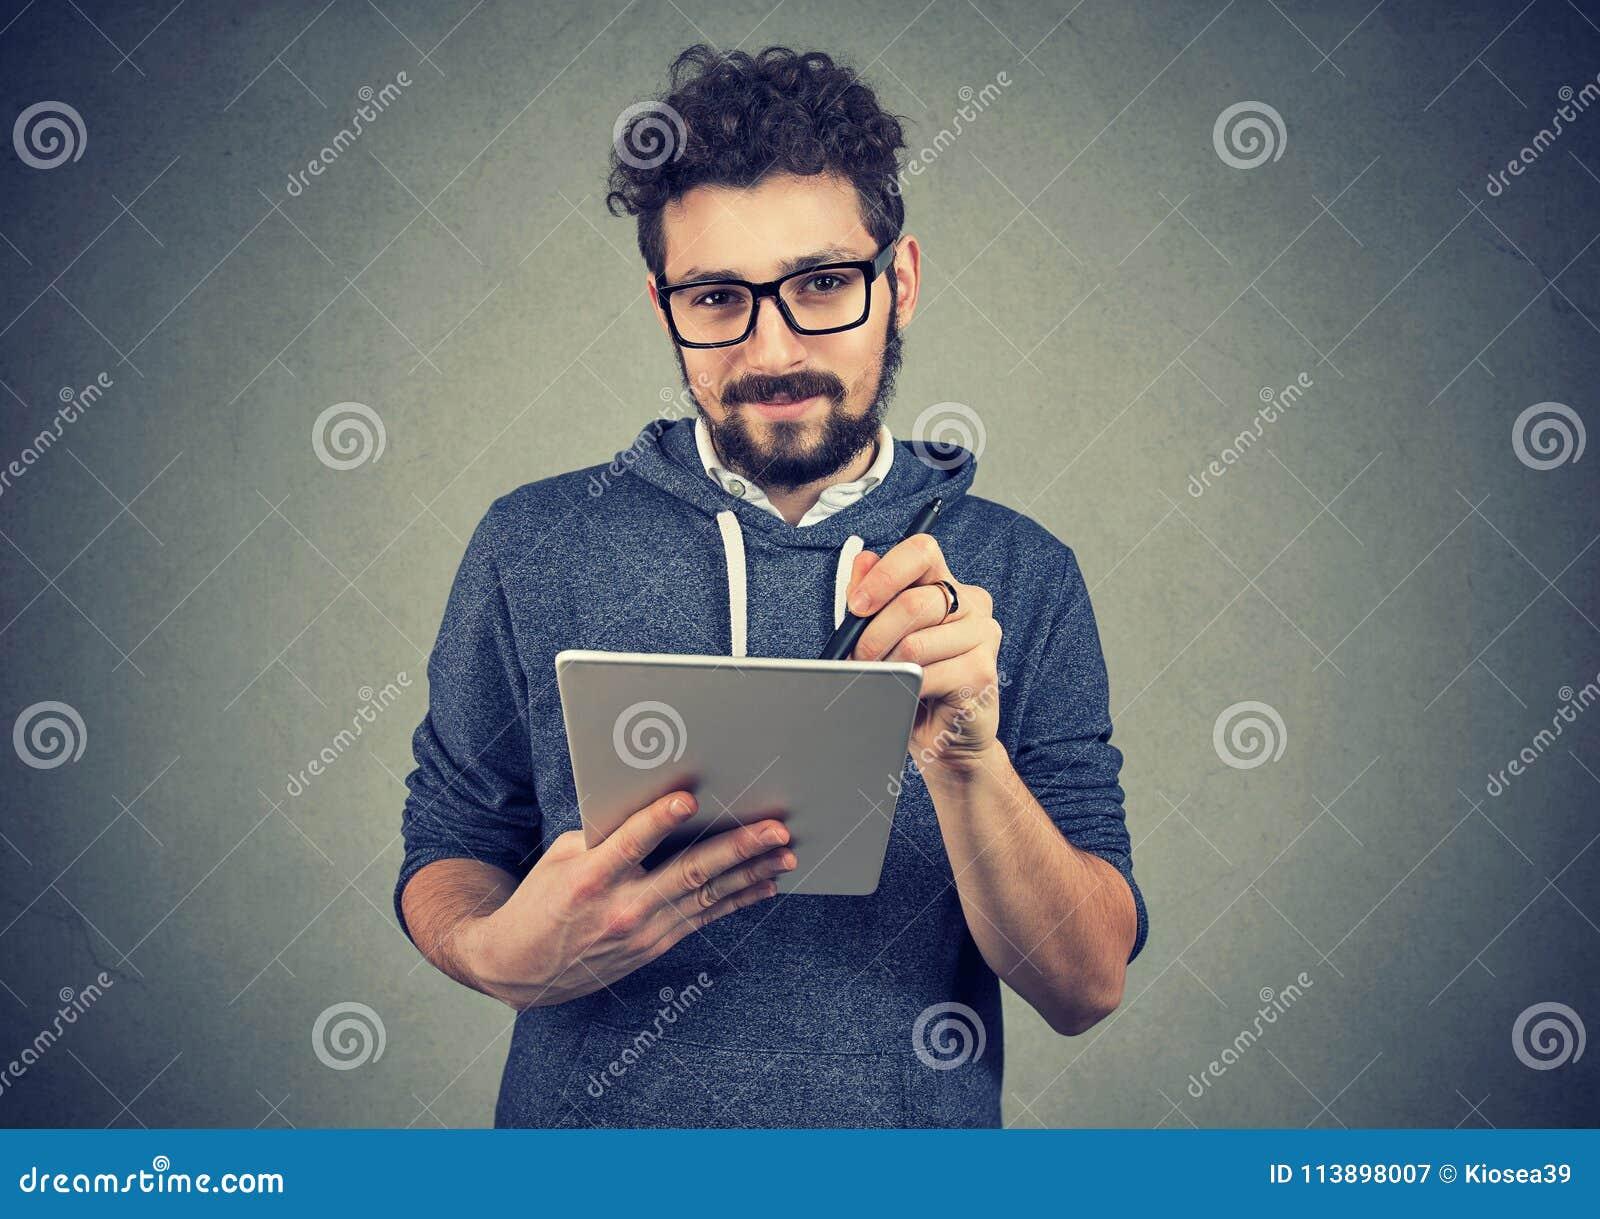 Hispter mężczyzna trzyma pastylki pióro i komputer patrzeje kamerę w szkłach